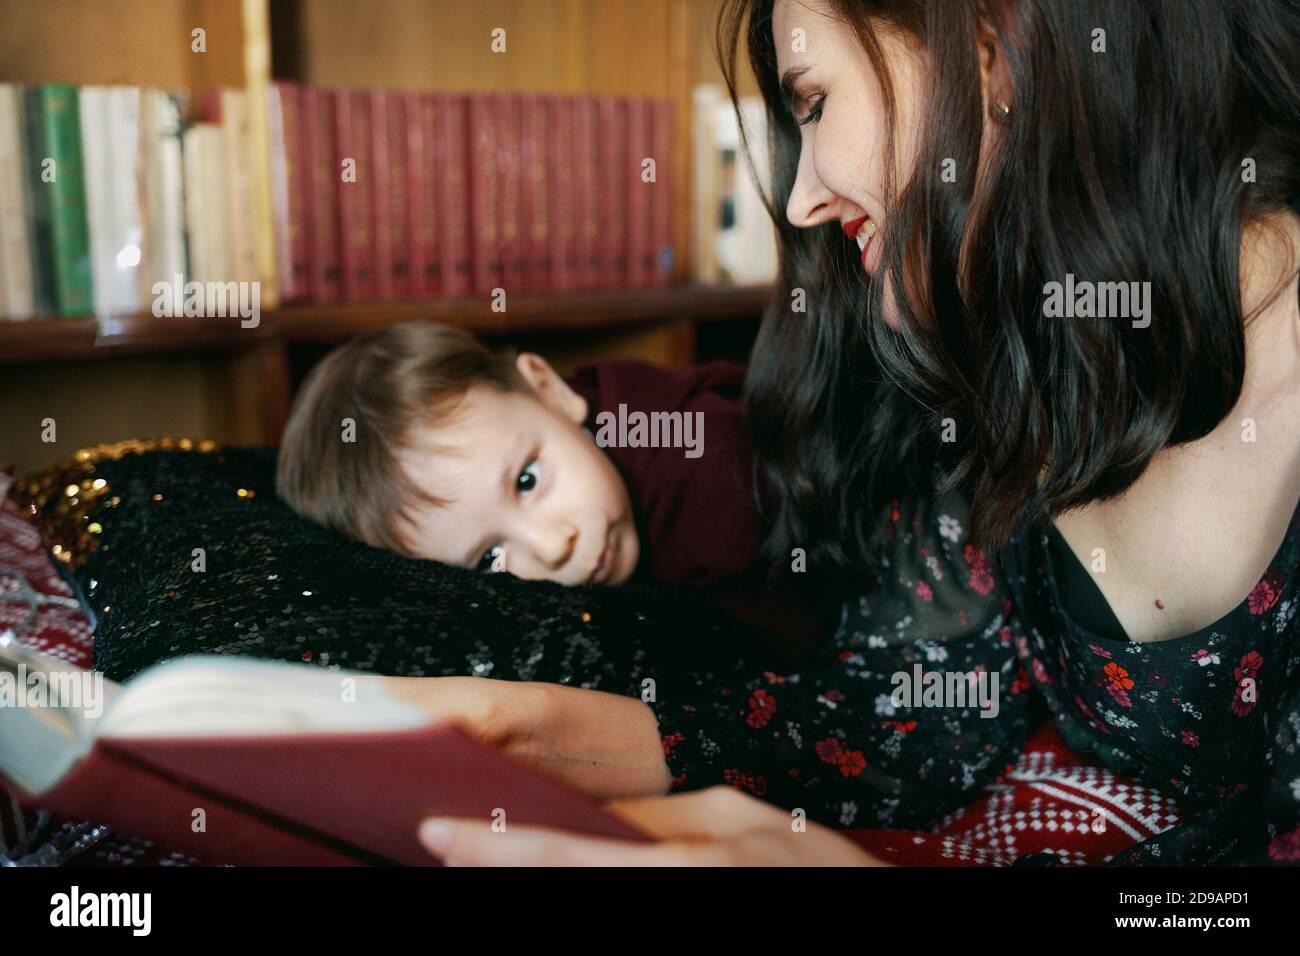 Una giovane donna legge un libro a un bambino. Una madre insegna al suo ragazzino di leggere. Foto Stock